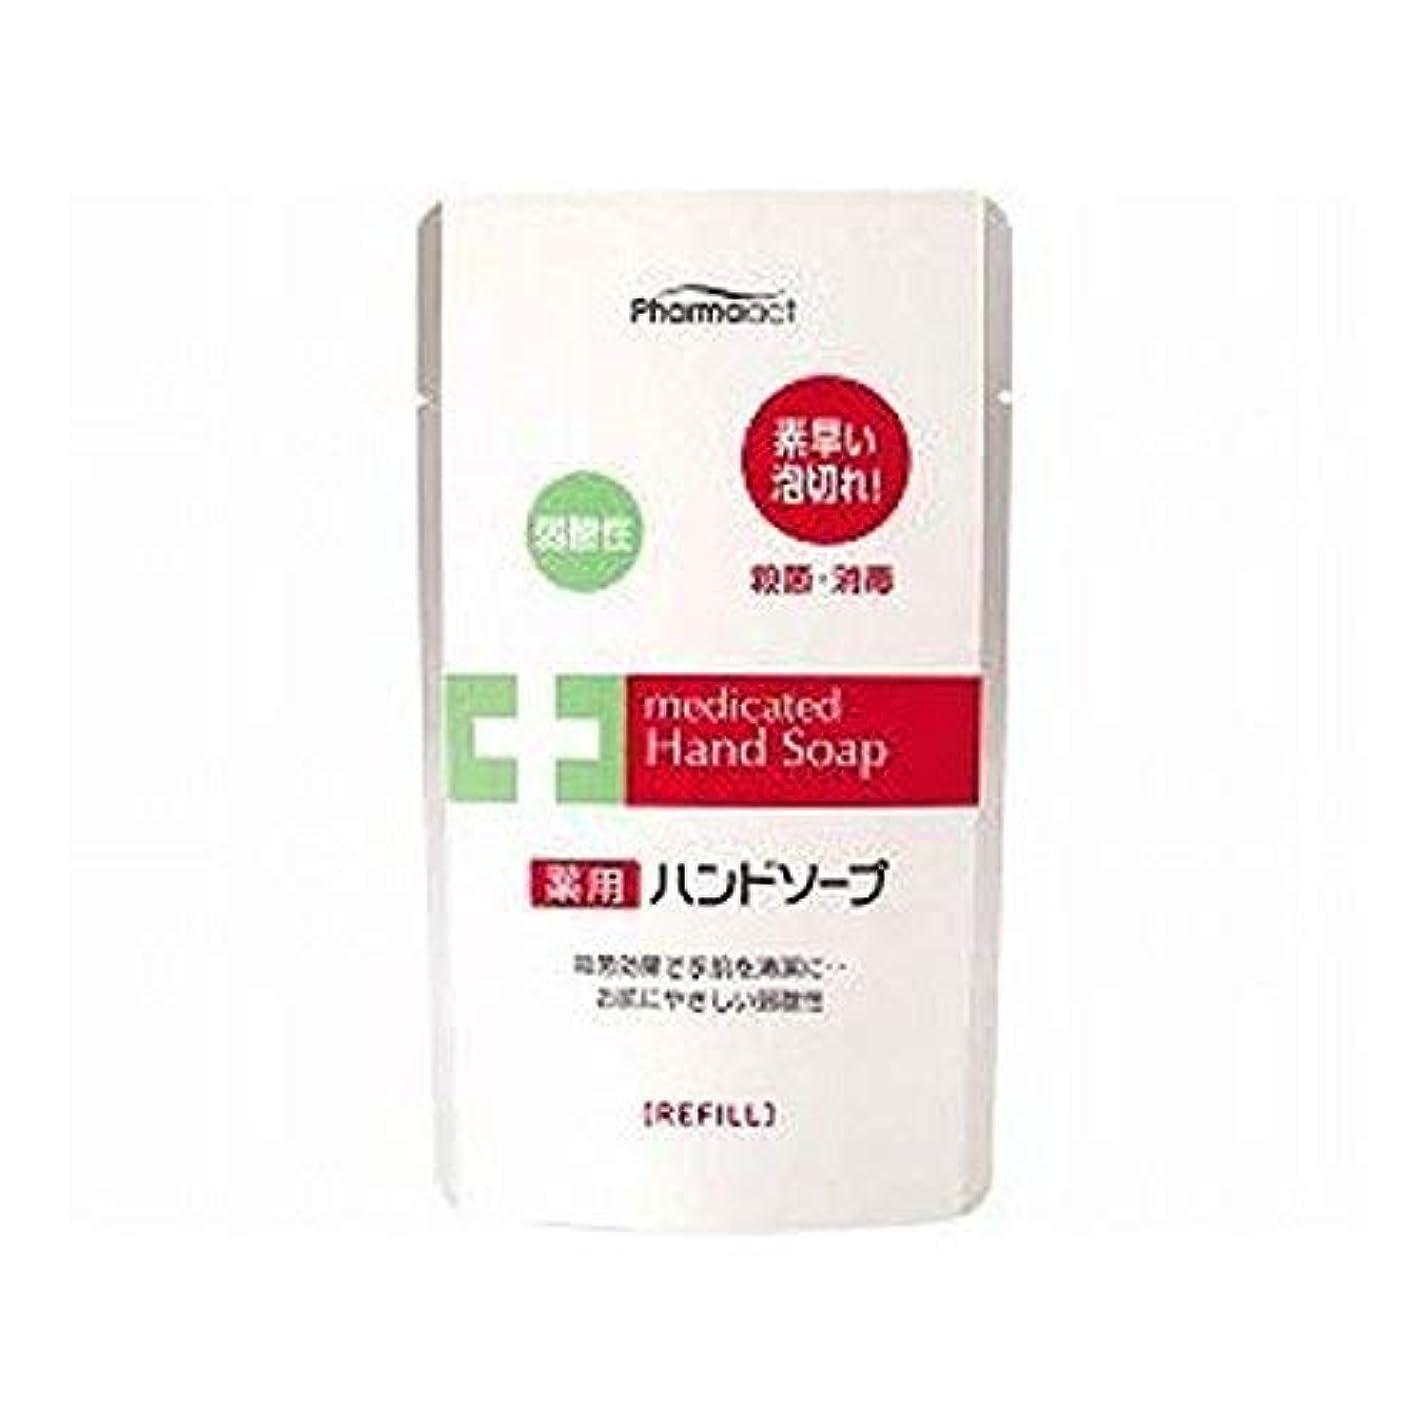 【まとめ買い】ファーマアクト 弱酸性 薬用ハンドソープ つめかえ用 200ml ×18個